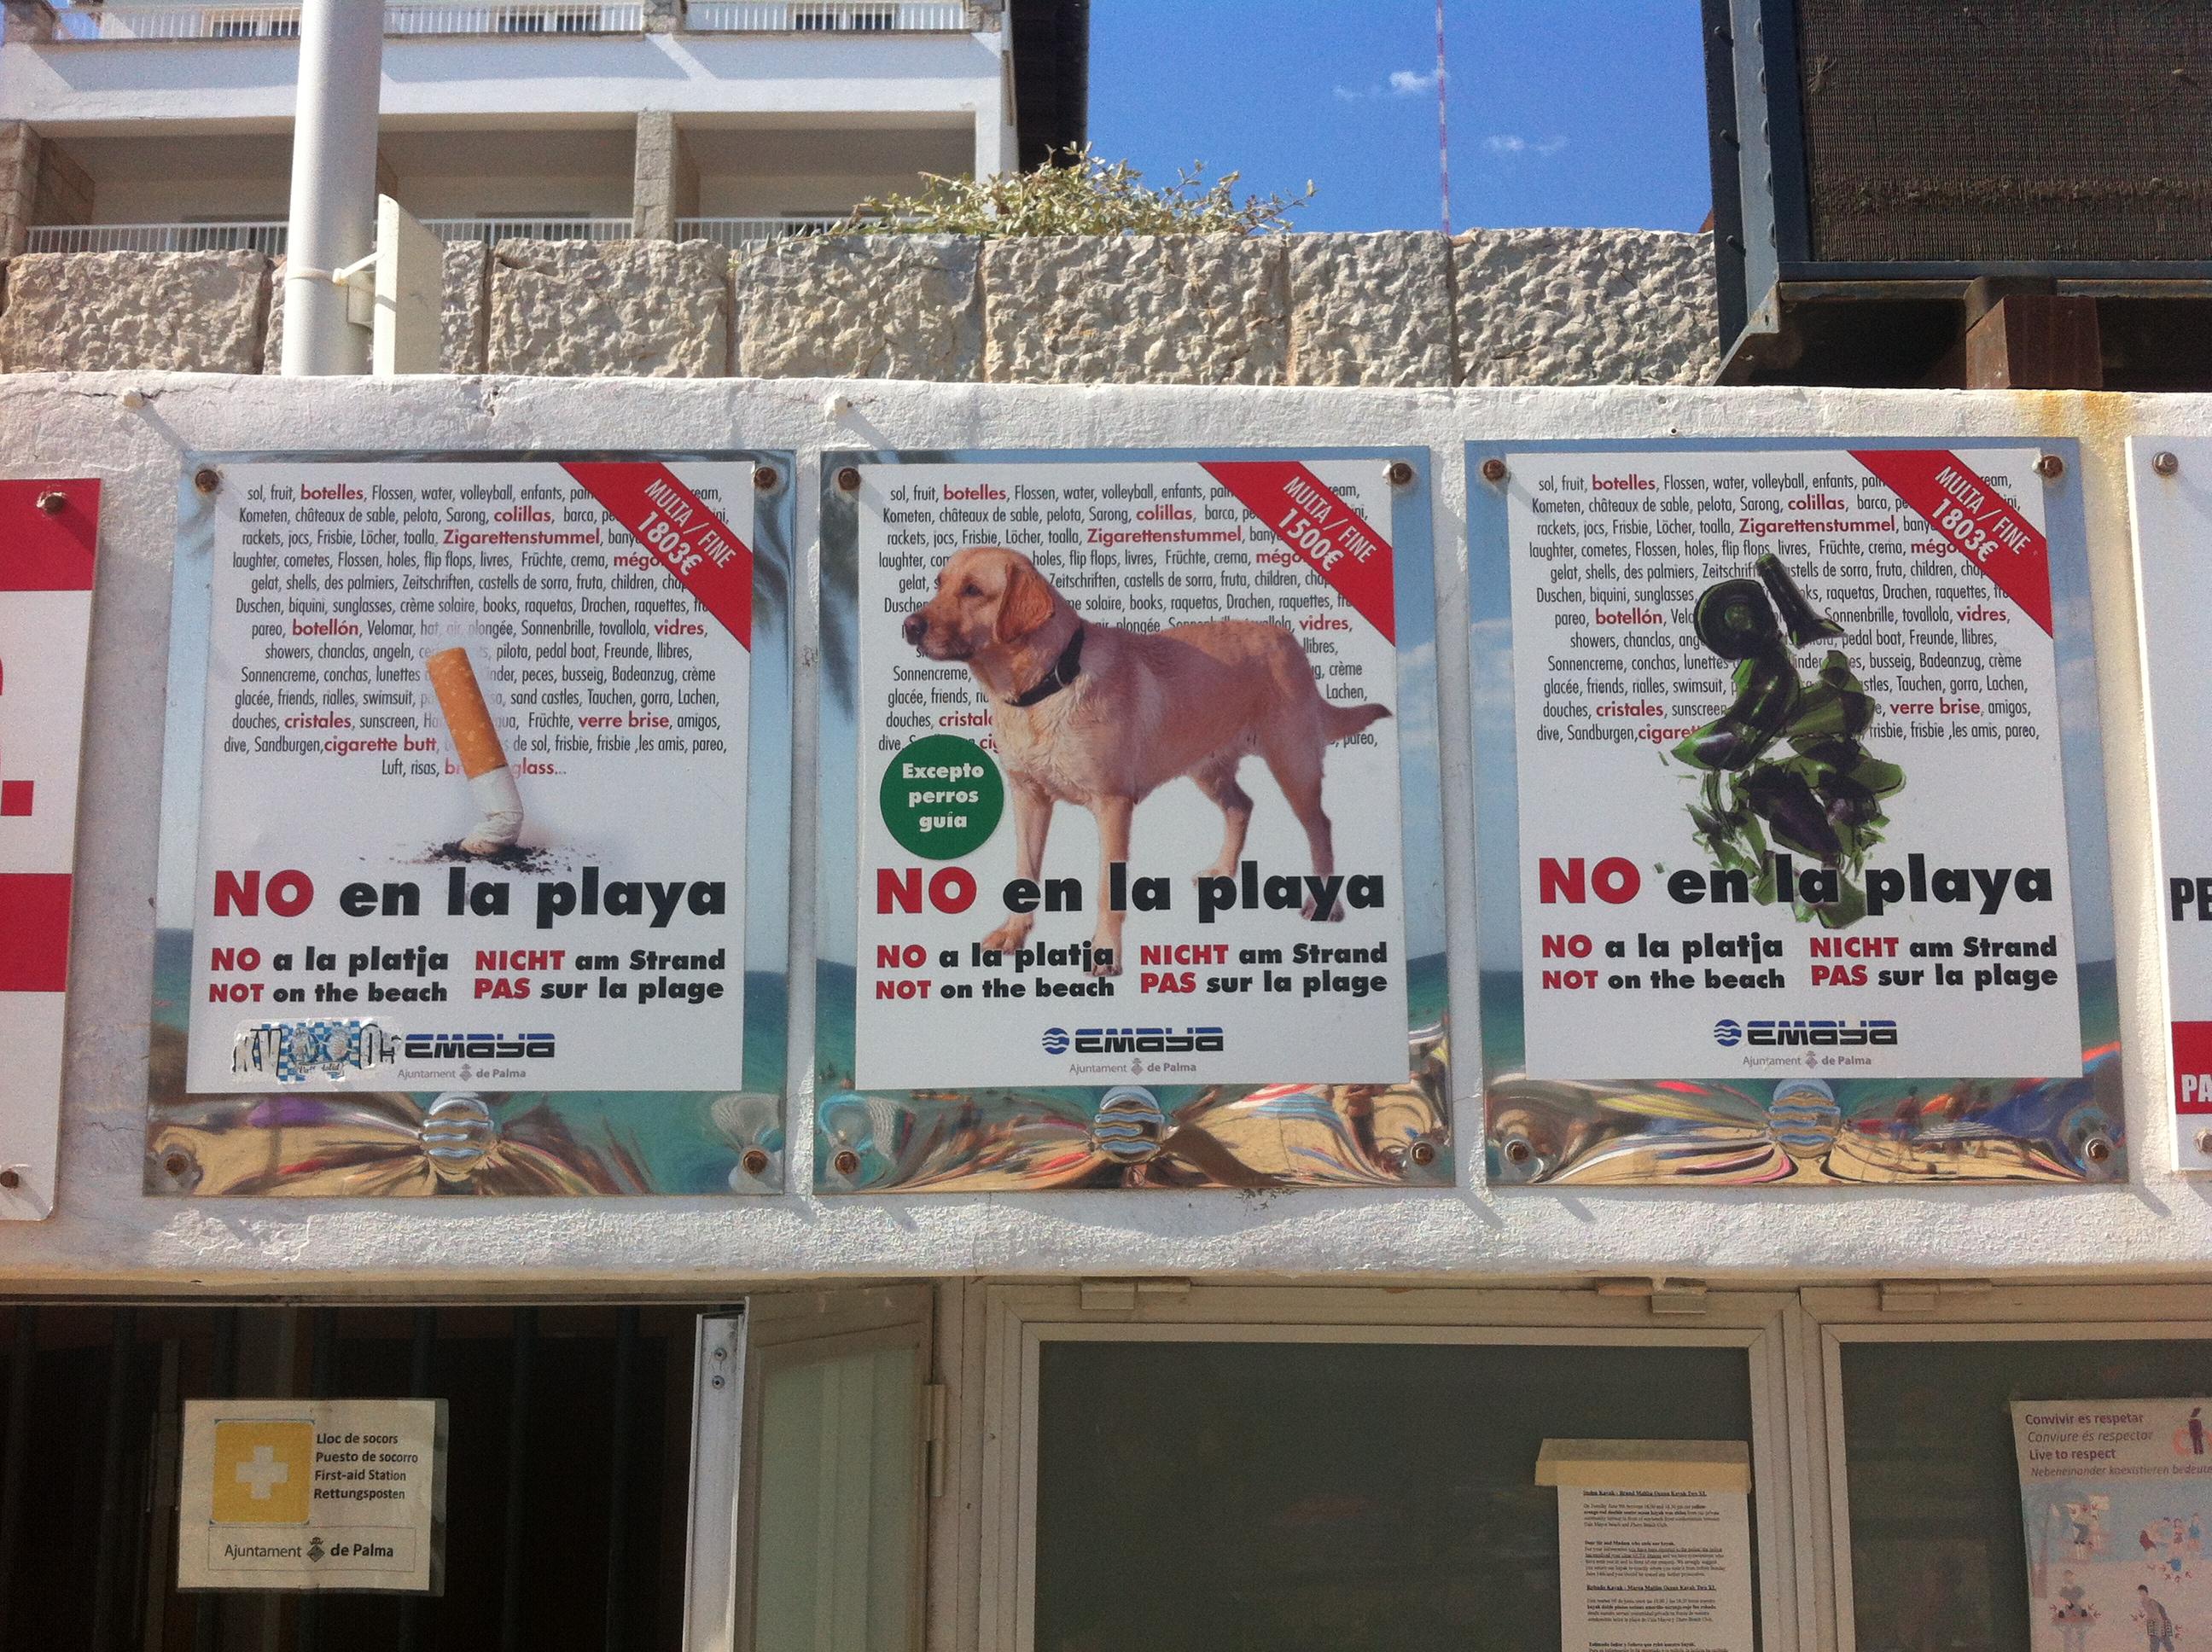 Verbotsschilder am Strand von Cala Mayor, Mallorca. Foto: Kassandra.